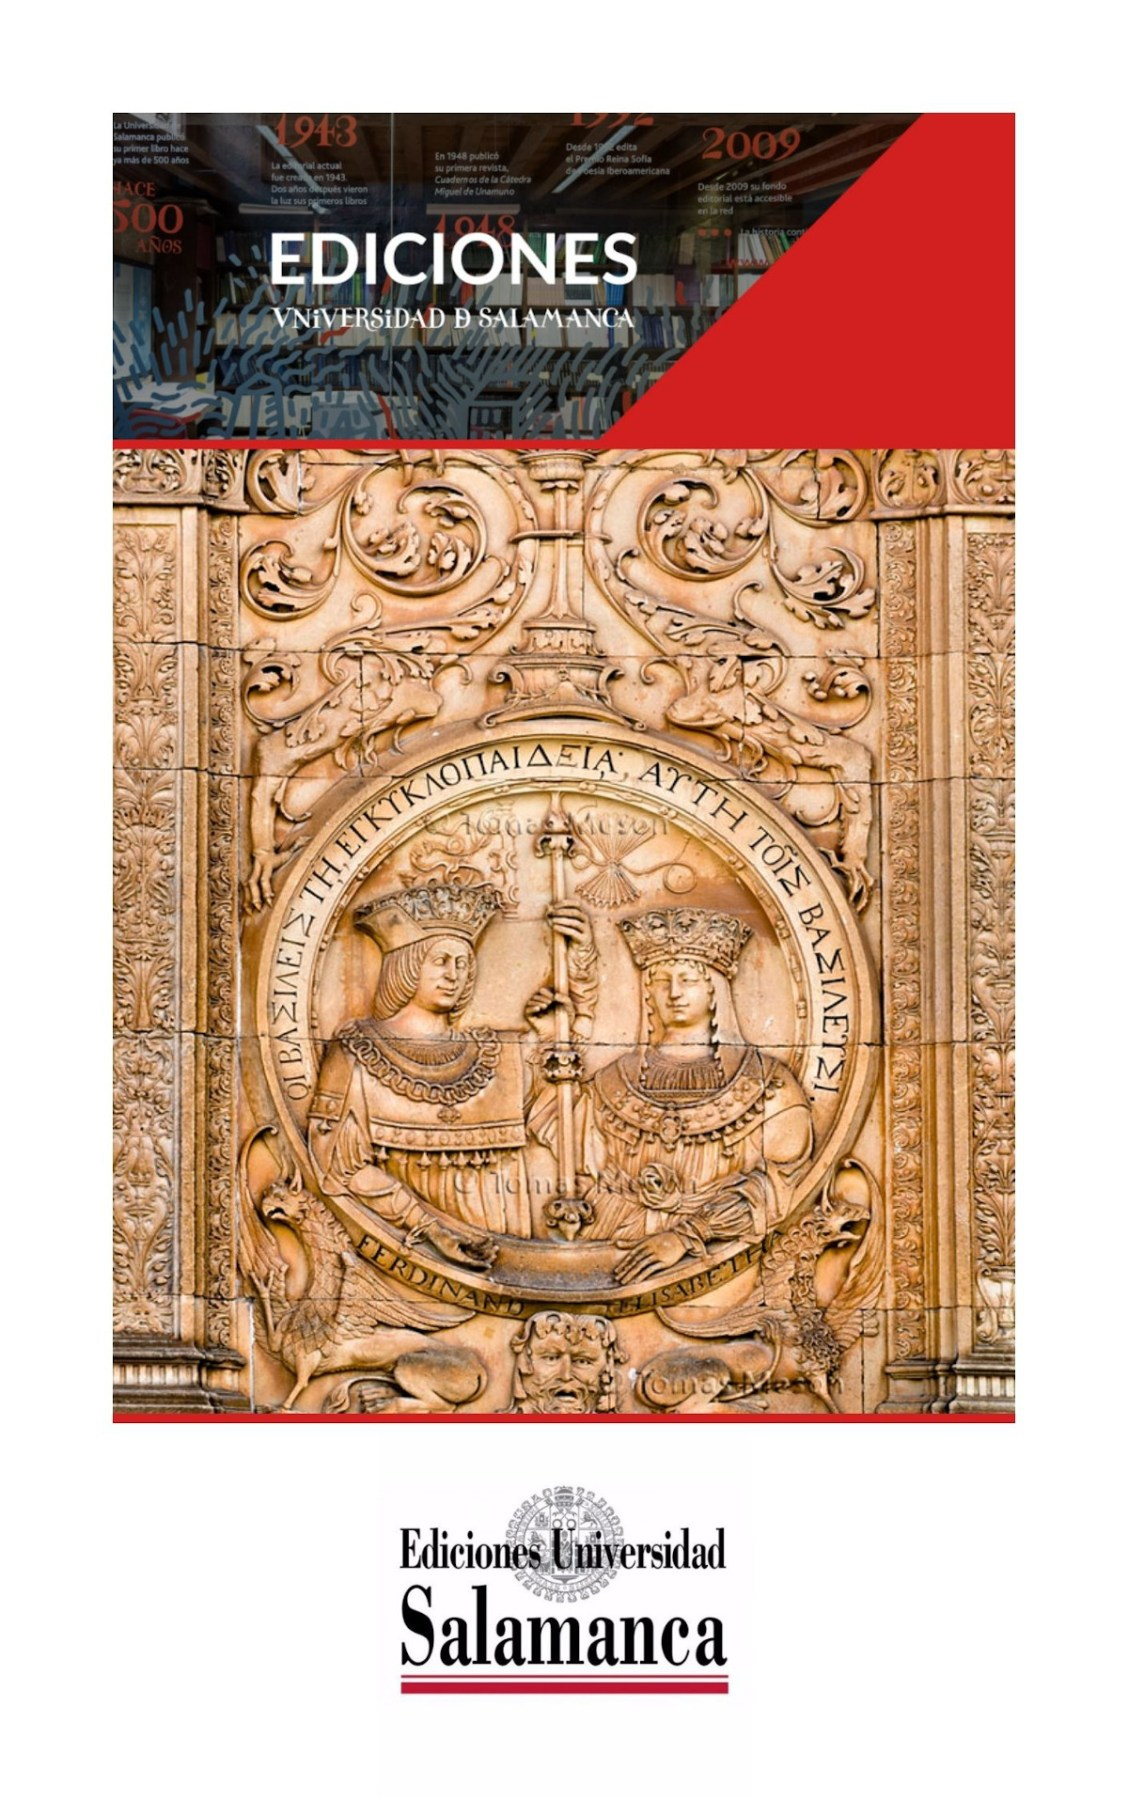 Ediciones Universidad de Salamanca - EUSAL